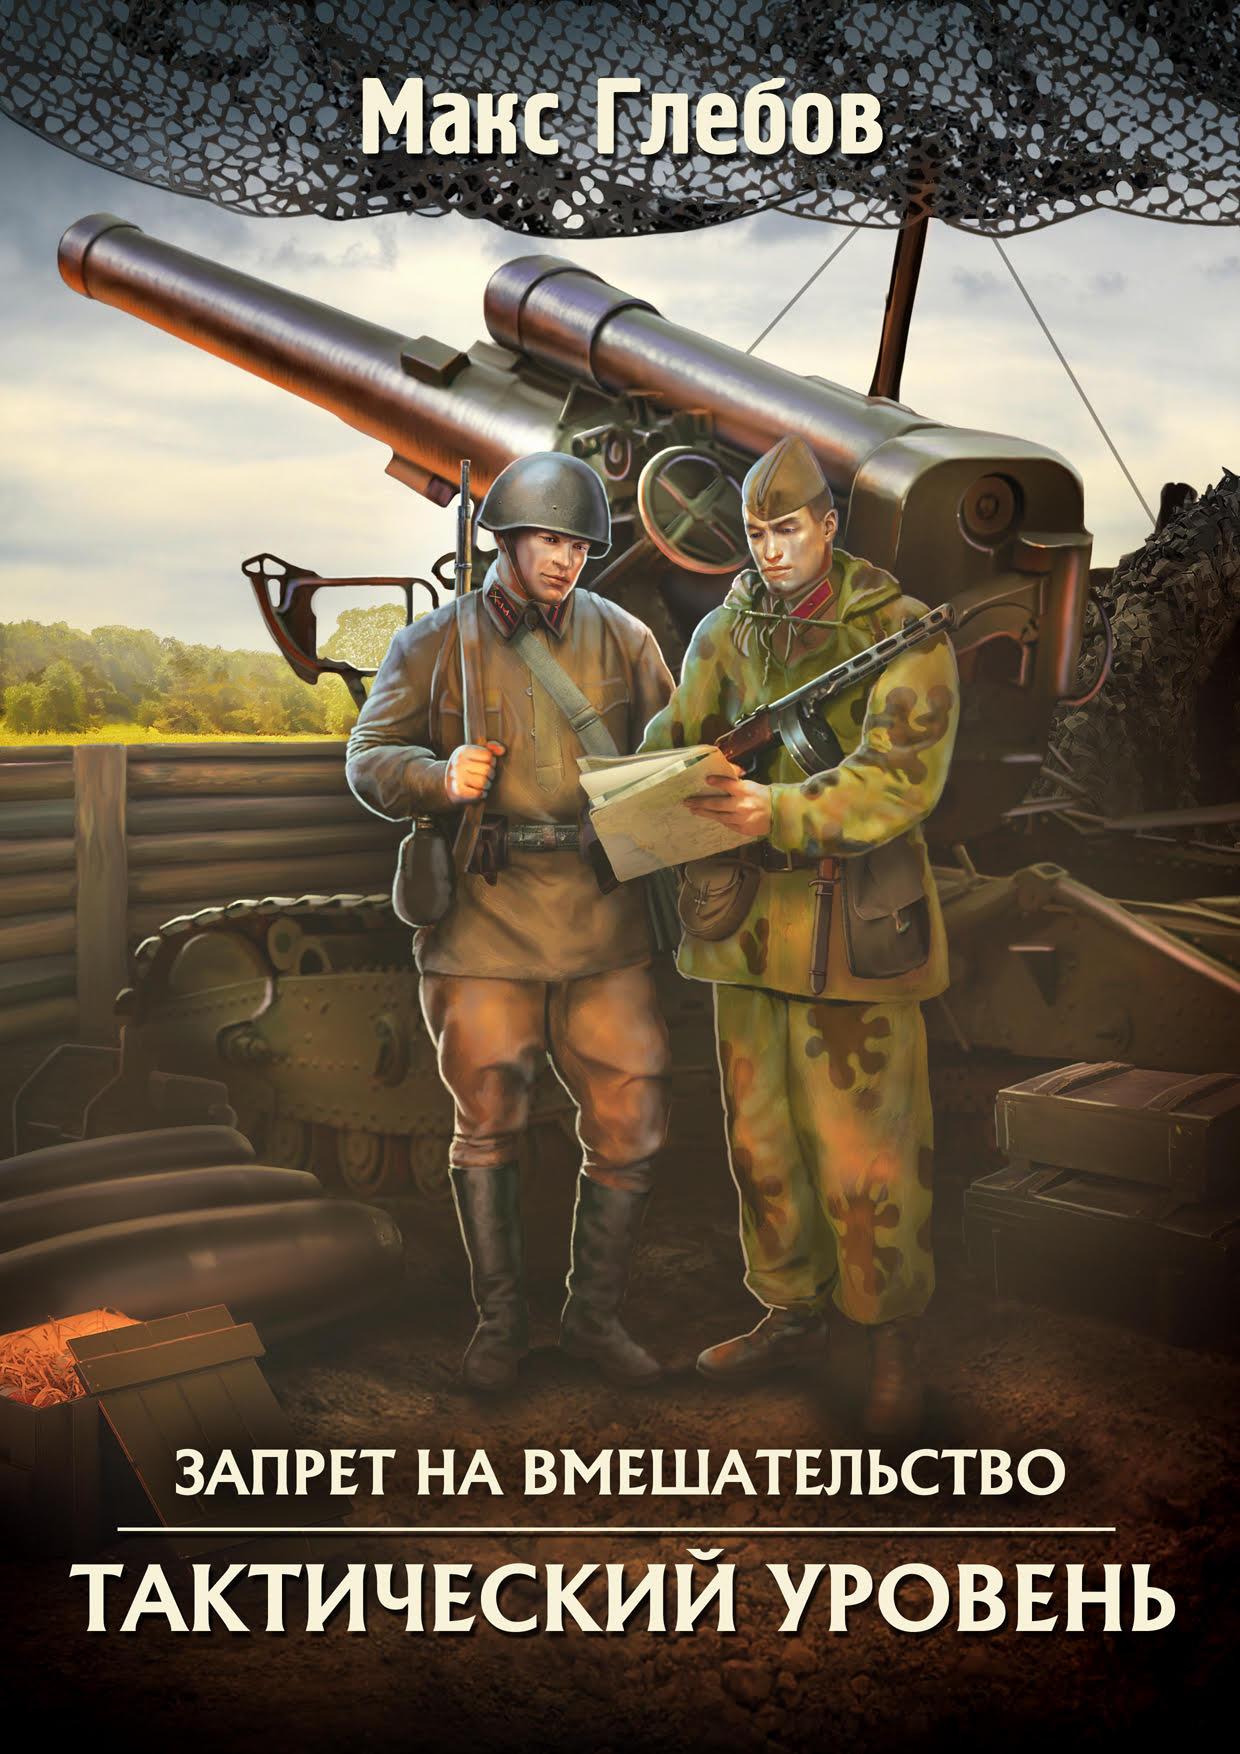 Макс Глебов «Тактический уровень»